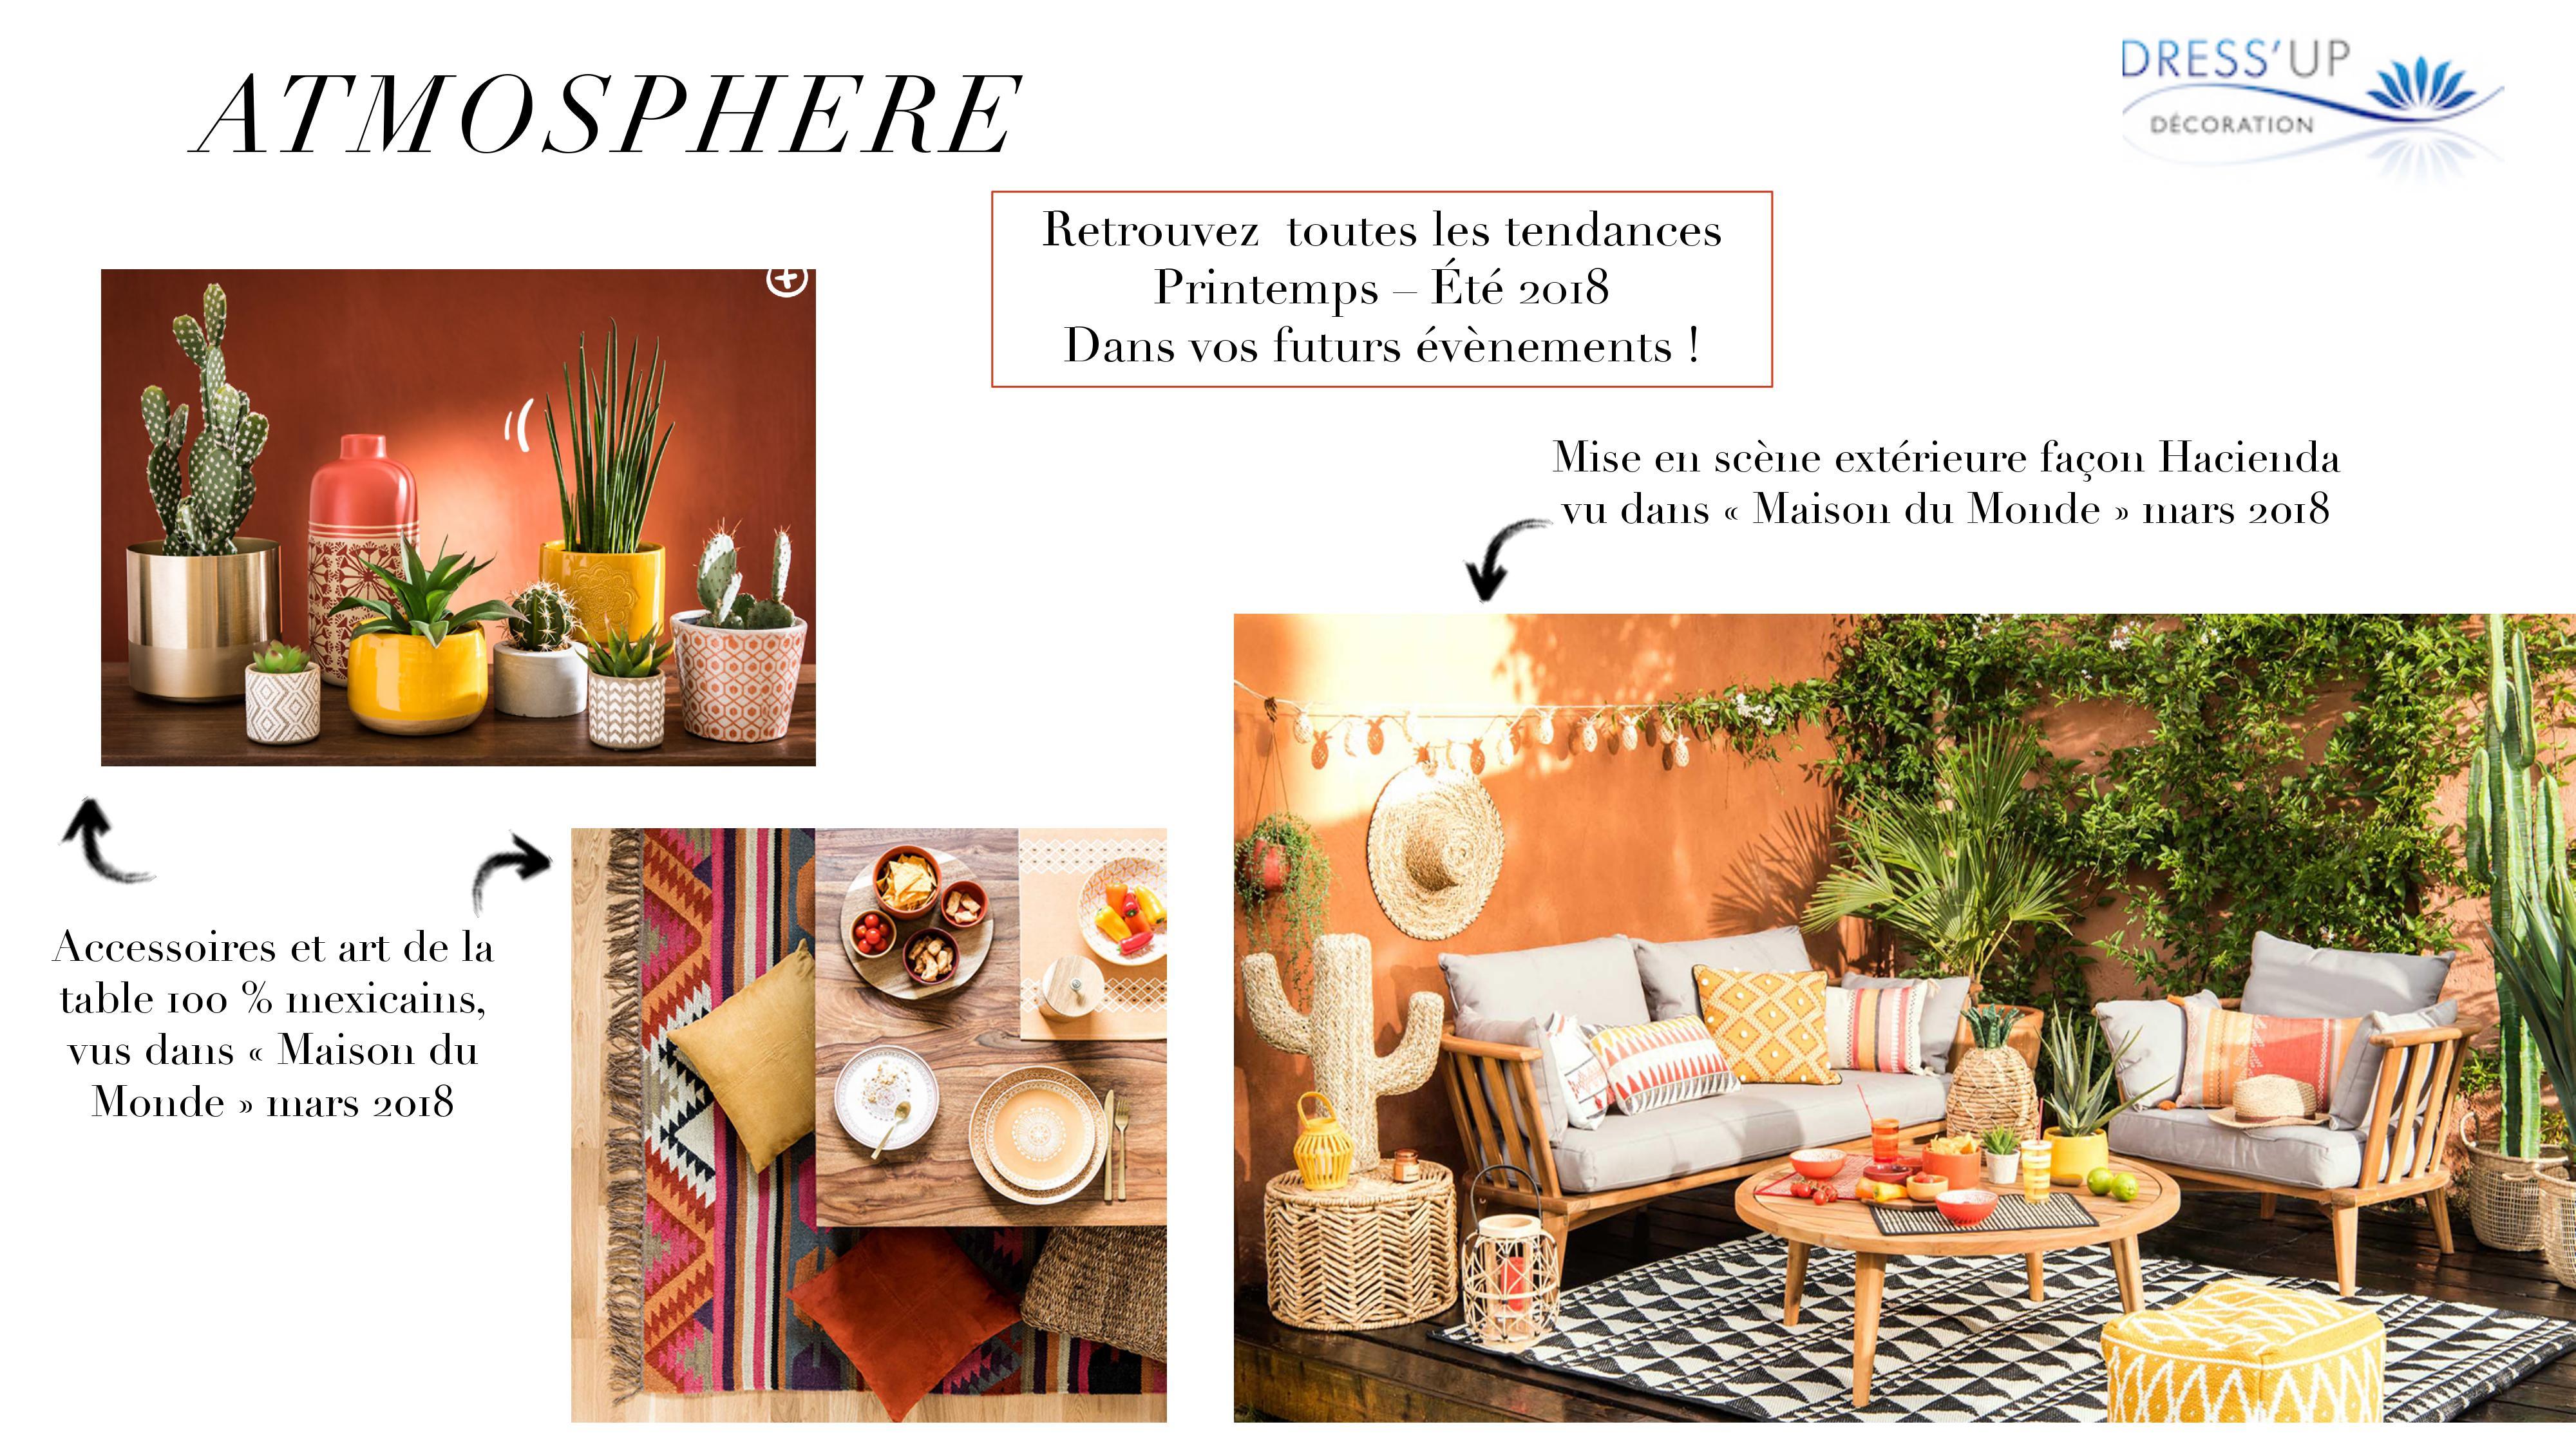 atmosph re decoration amerique du sud dress 39 up. Black Bedroom Furniture Sets. Home Design Ideas